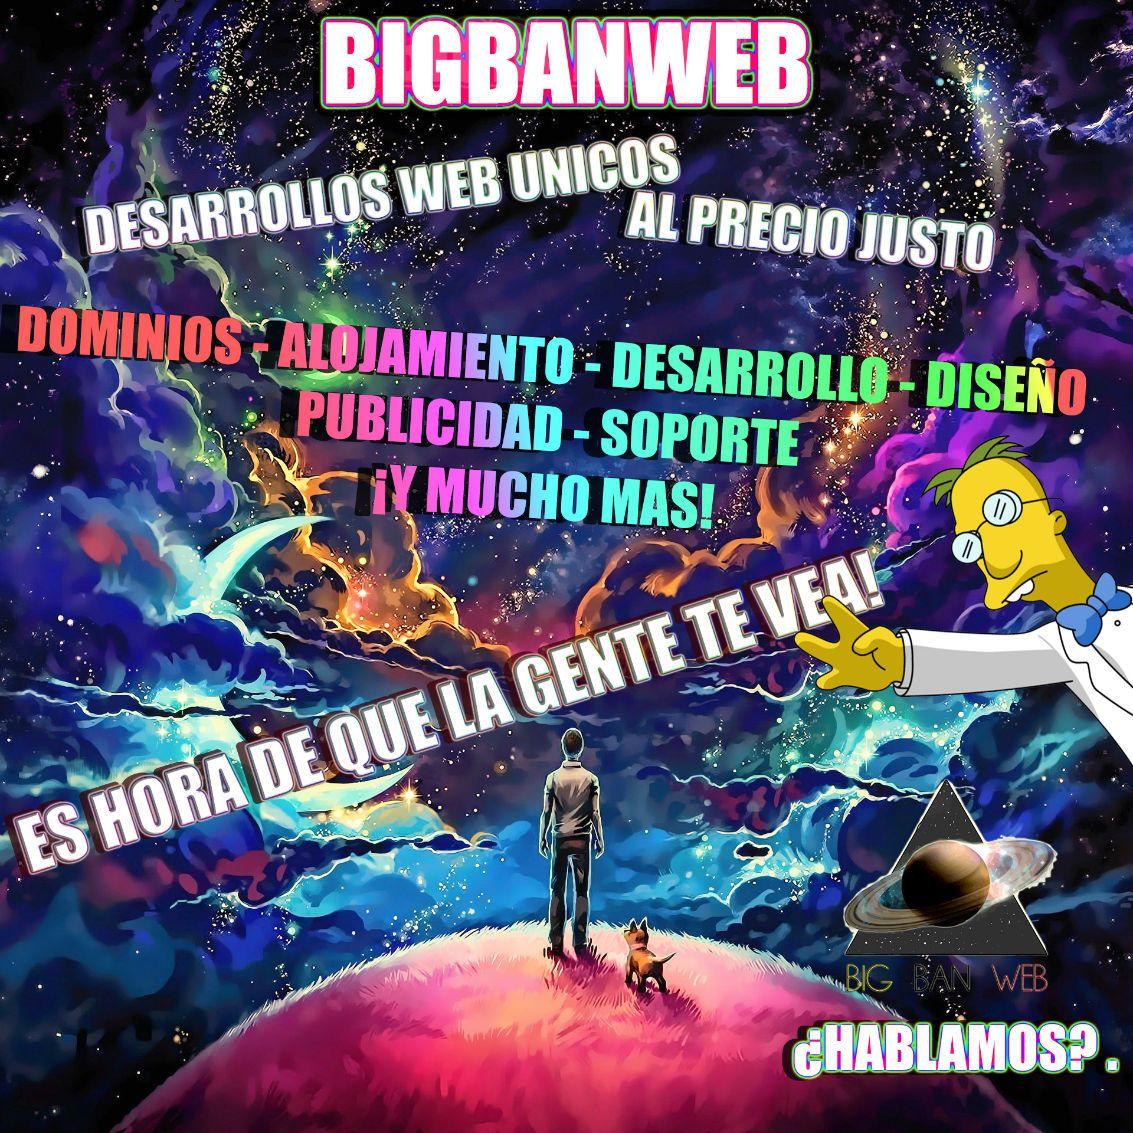 bigbanweb - BigBanWeb Profesional desde 44,90€